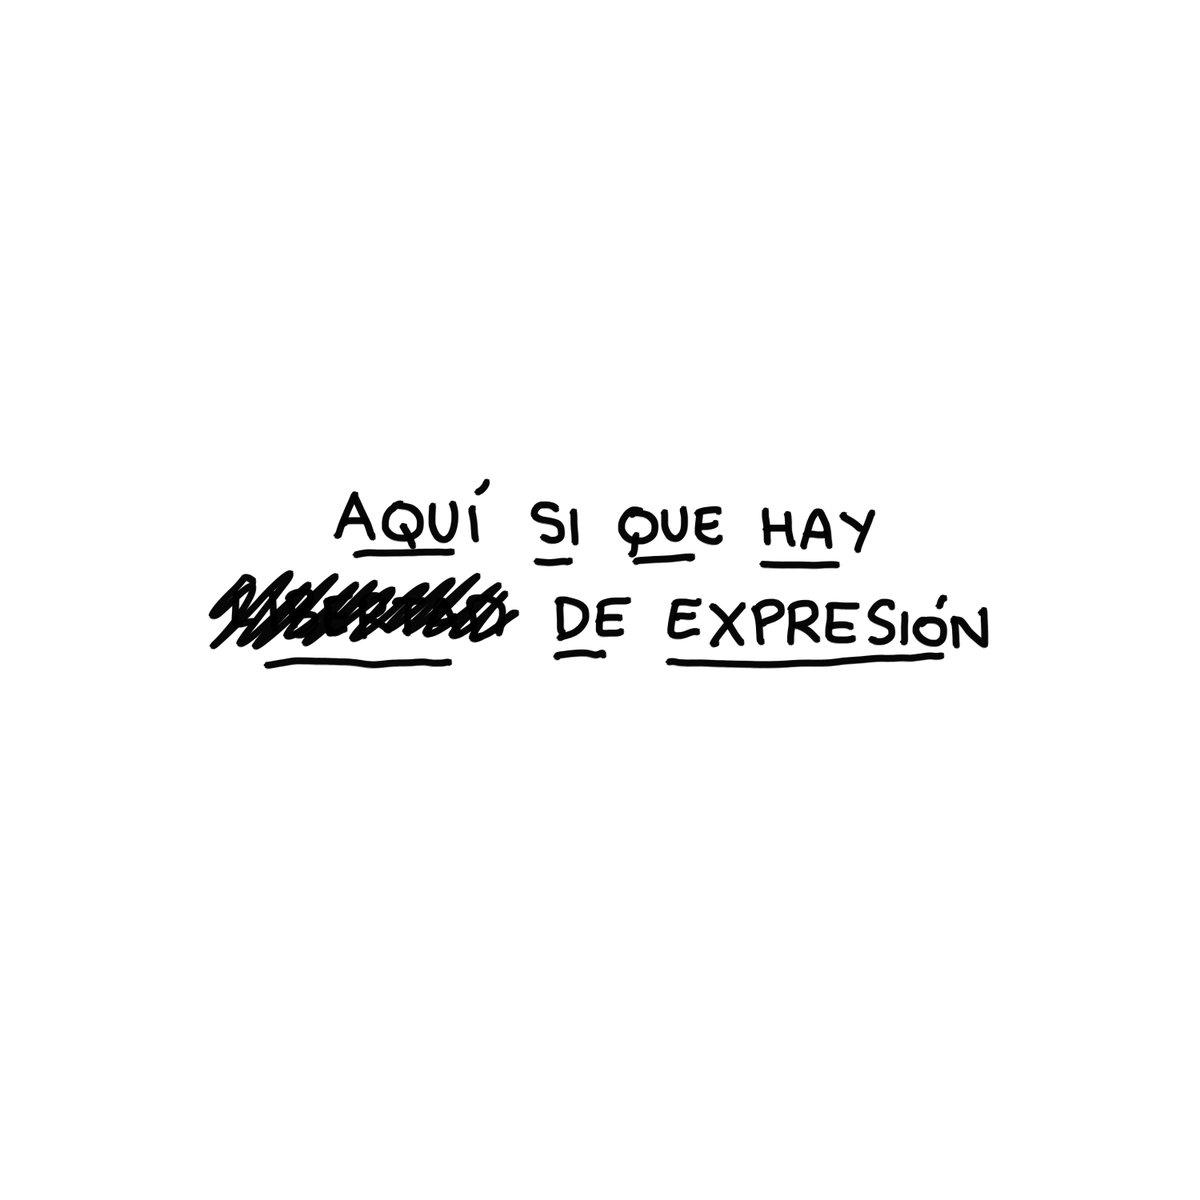 ******** de expresión